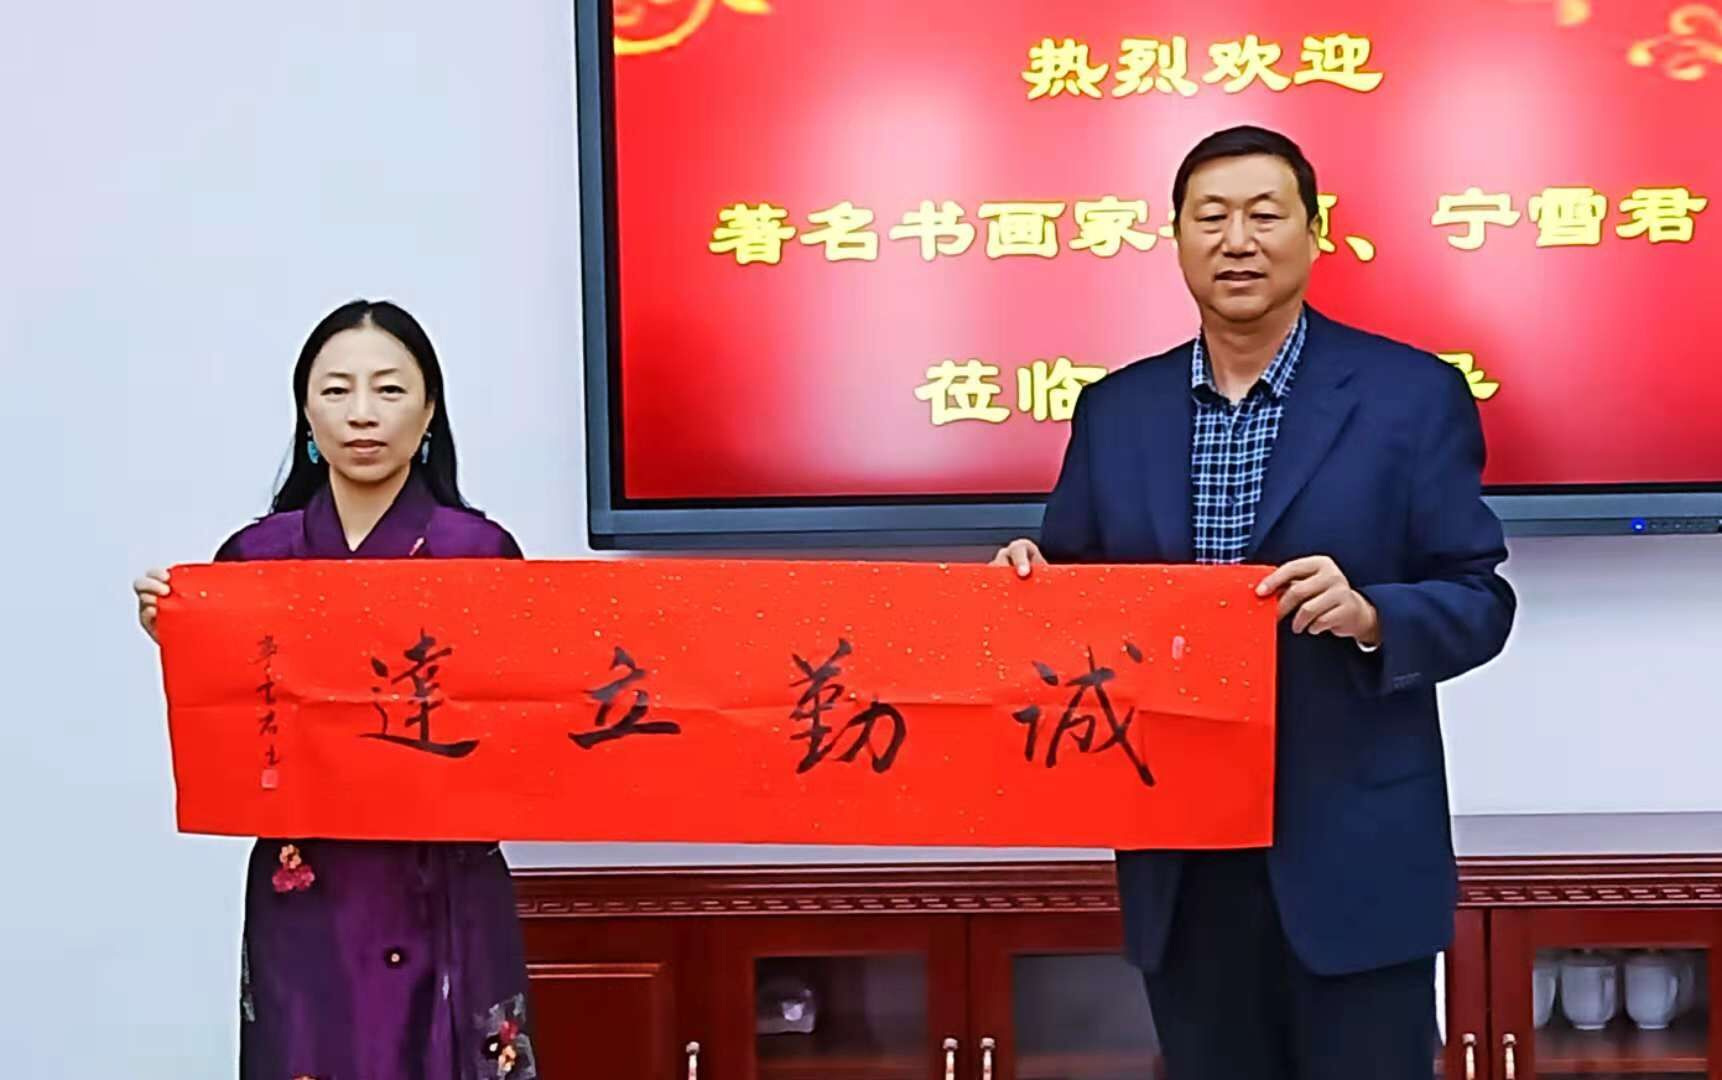 宁雪君为山东省东营市胜利一中应邀题写校训《诚勤立达》。